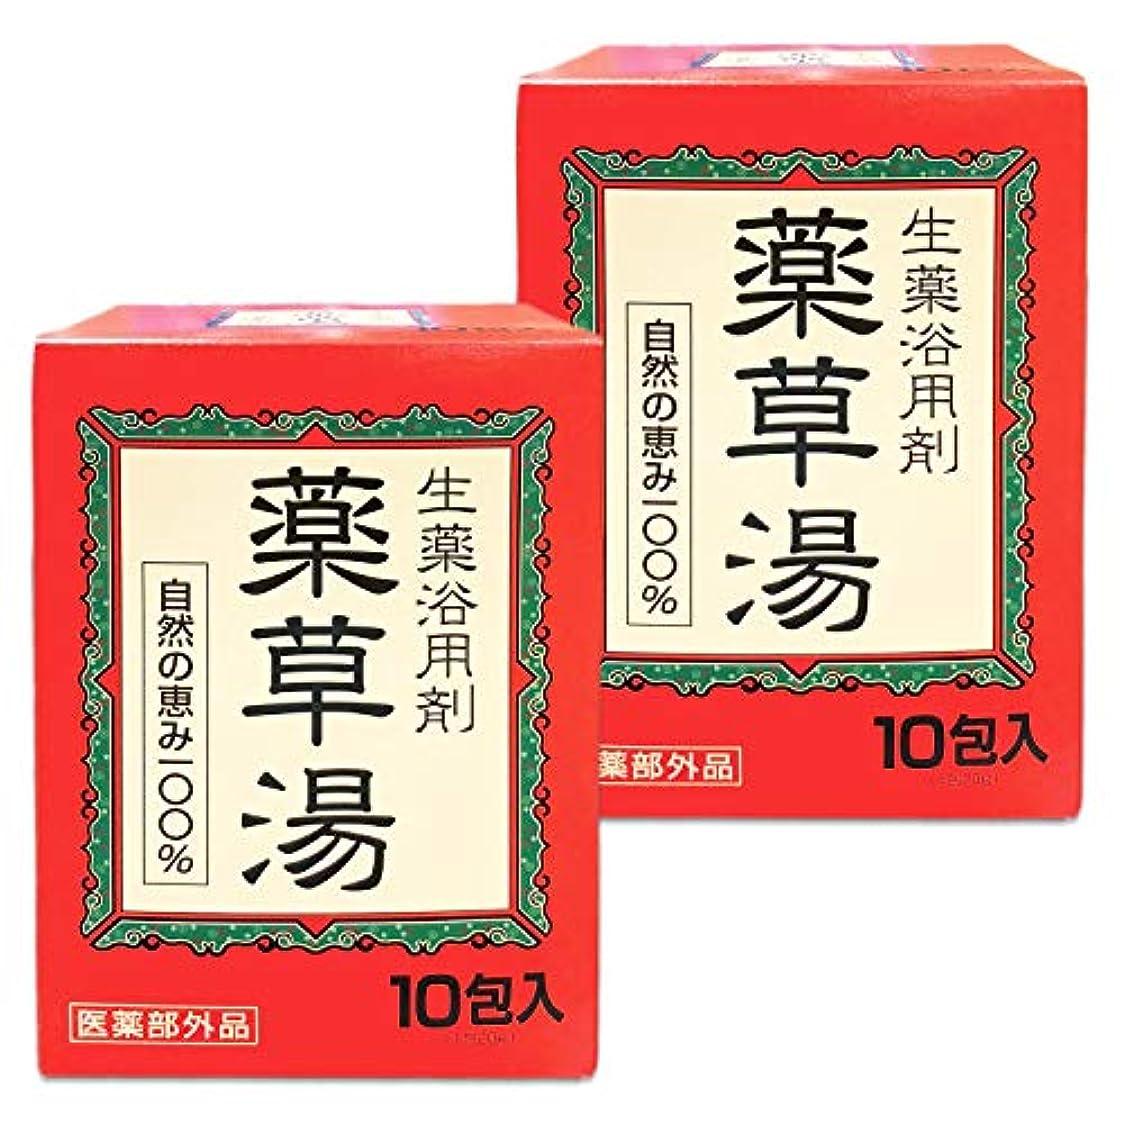 とげ蒸留する馬鹿【まとめ買い】 薬草湯 生薬浴用剤 10包入×2個 自然のめぐみ100% 医薬部外品